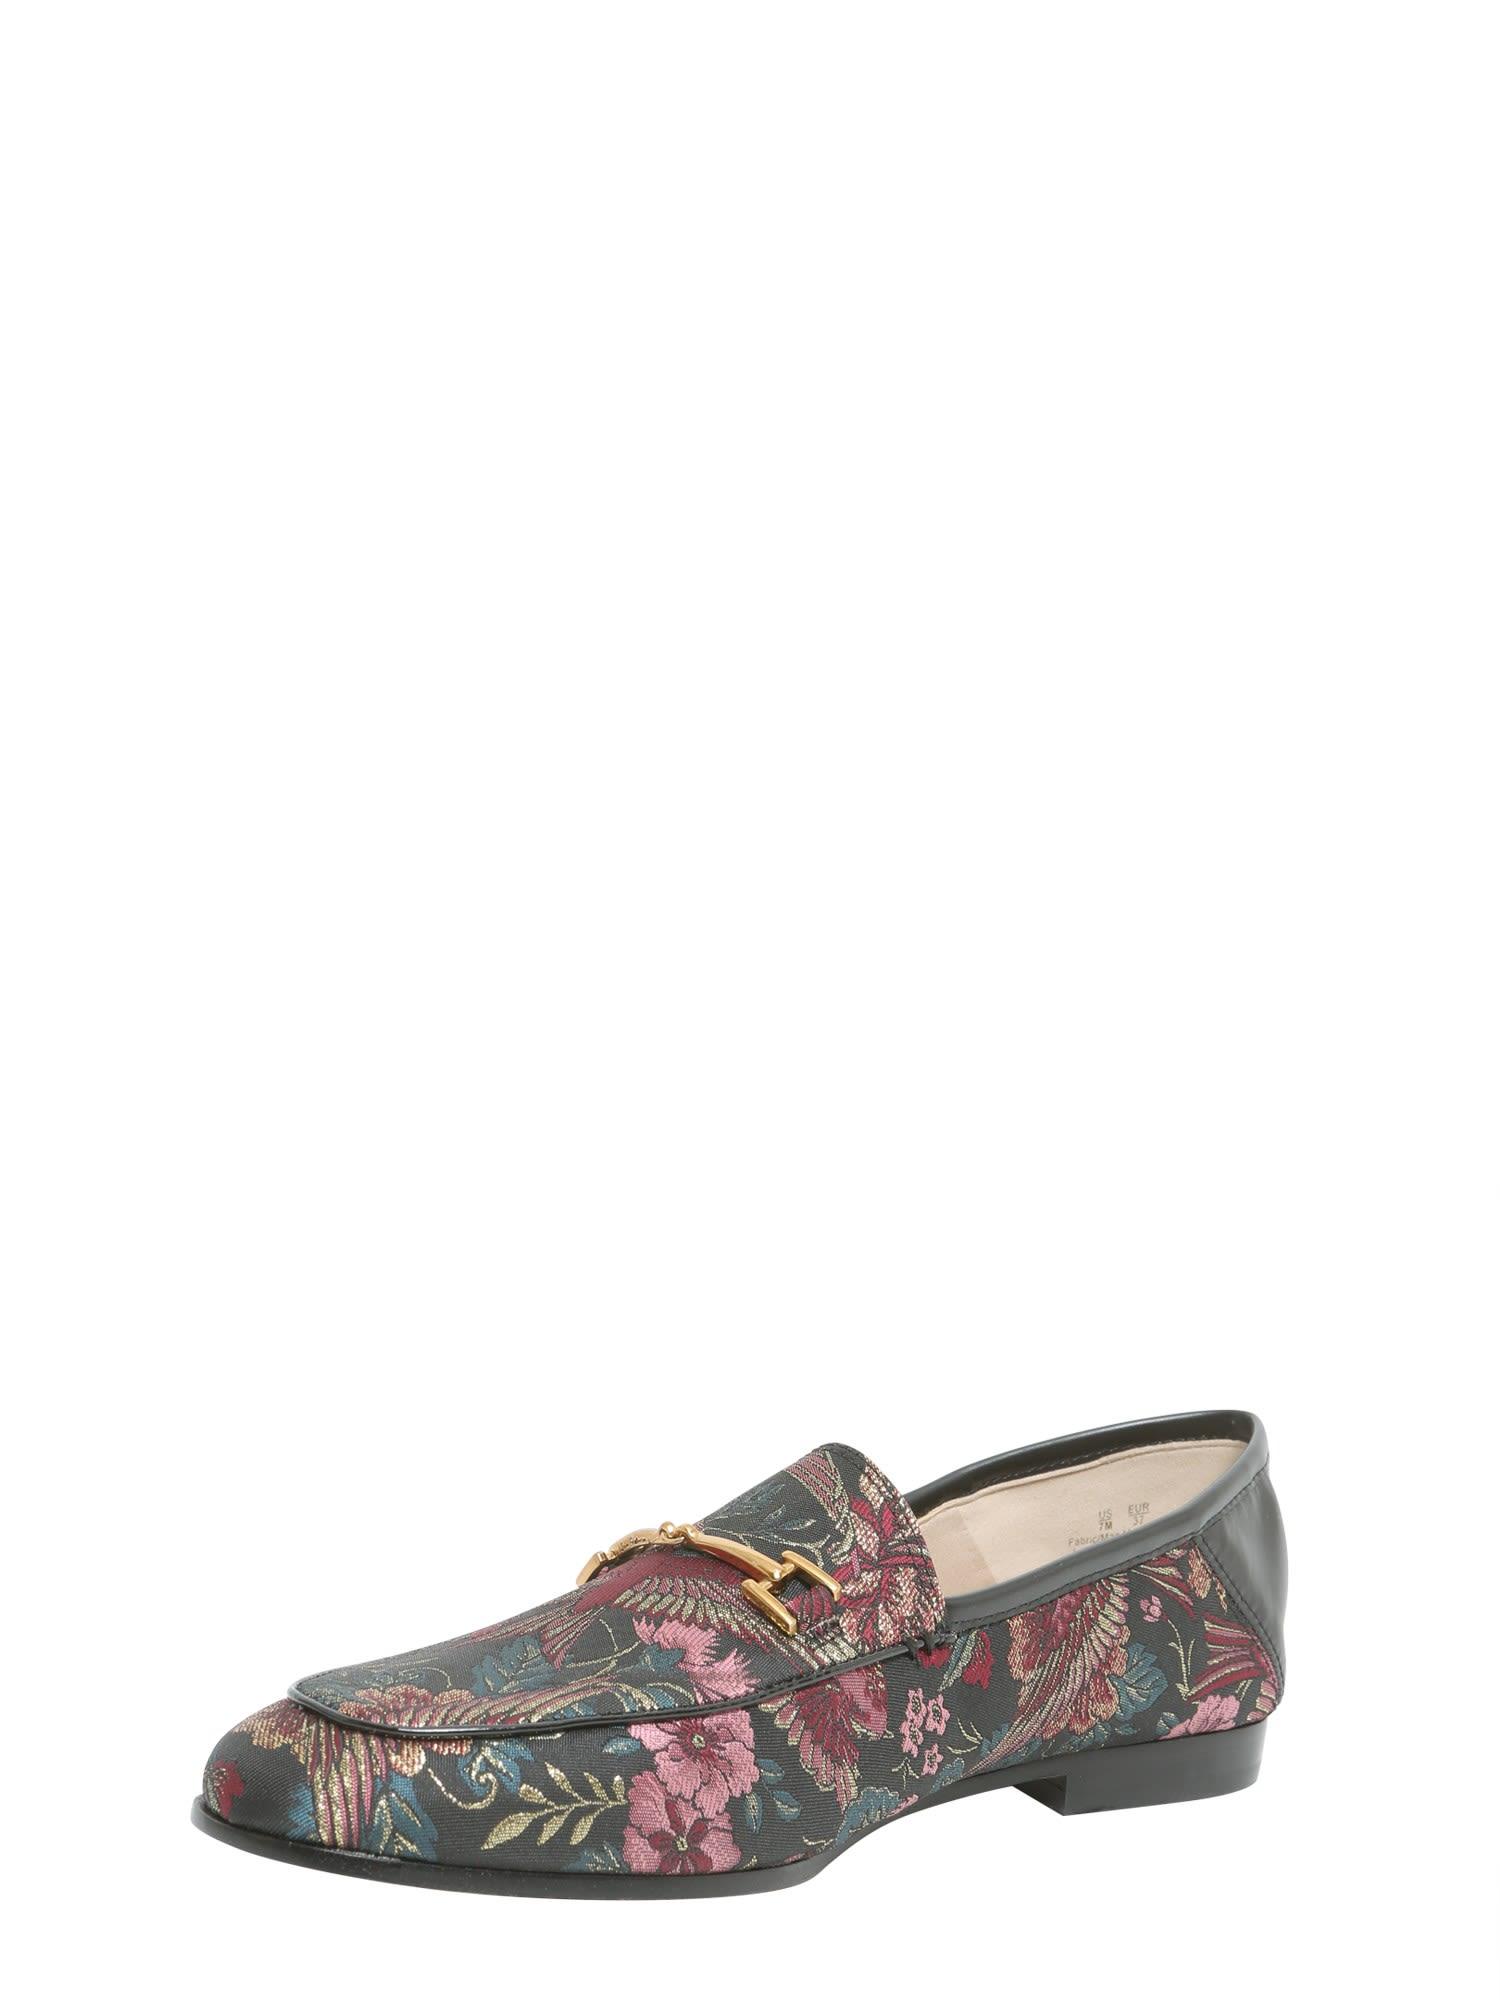 86435183e7305 Sam Edelman Sam Edelman Loraine Loafers In Jacqurd Fabric - Black ...